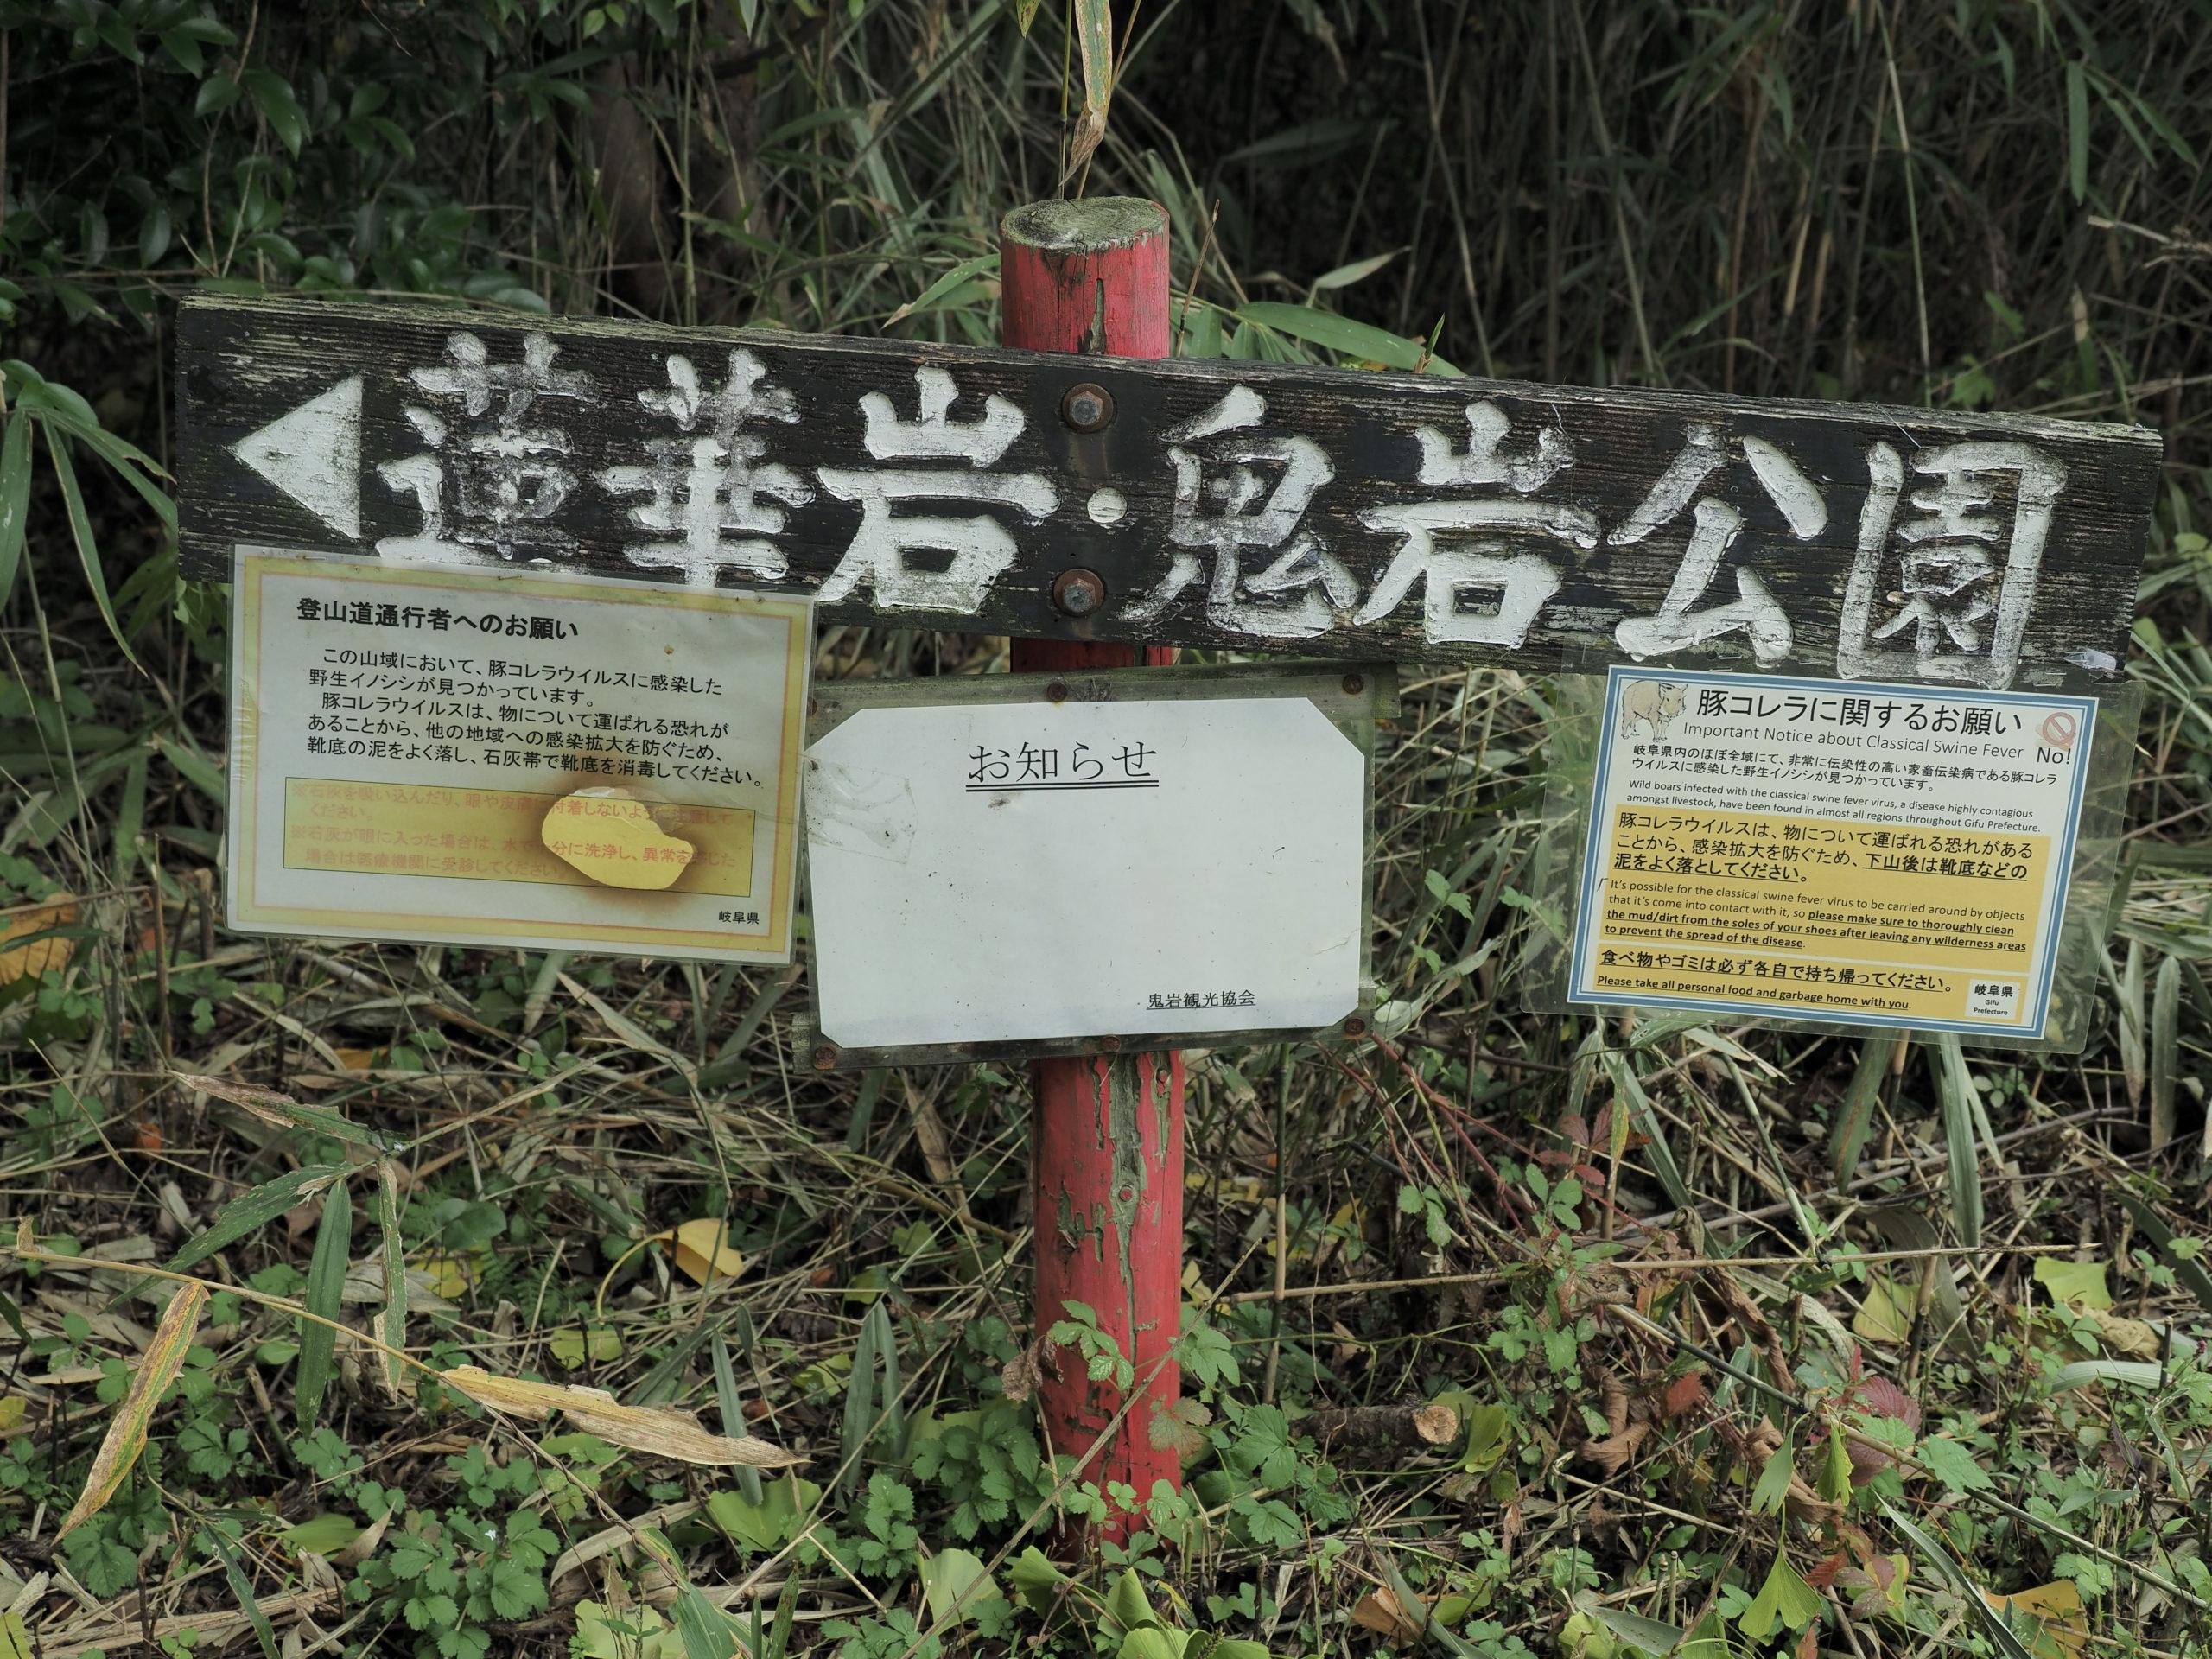 岐阜県 鬼岩公園